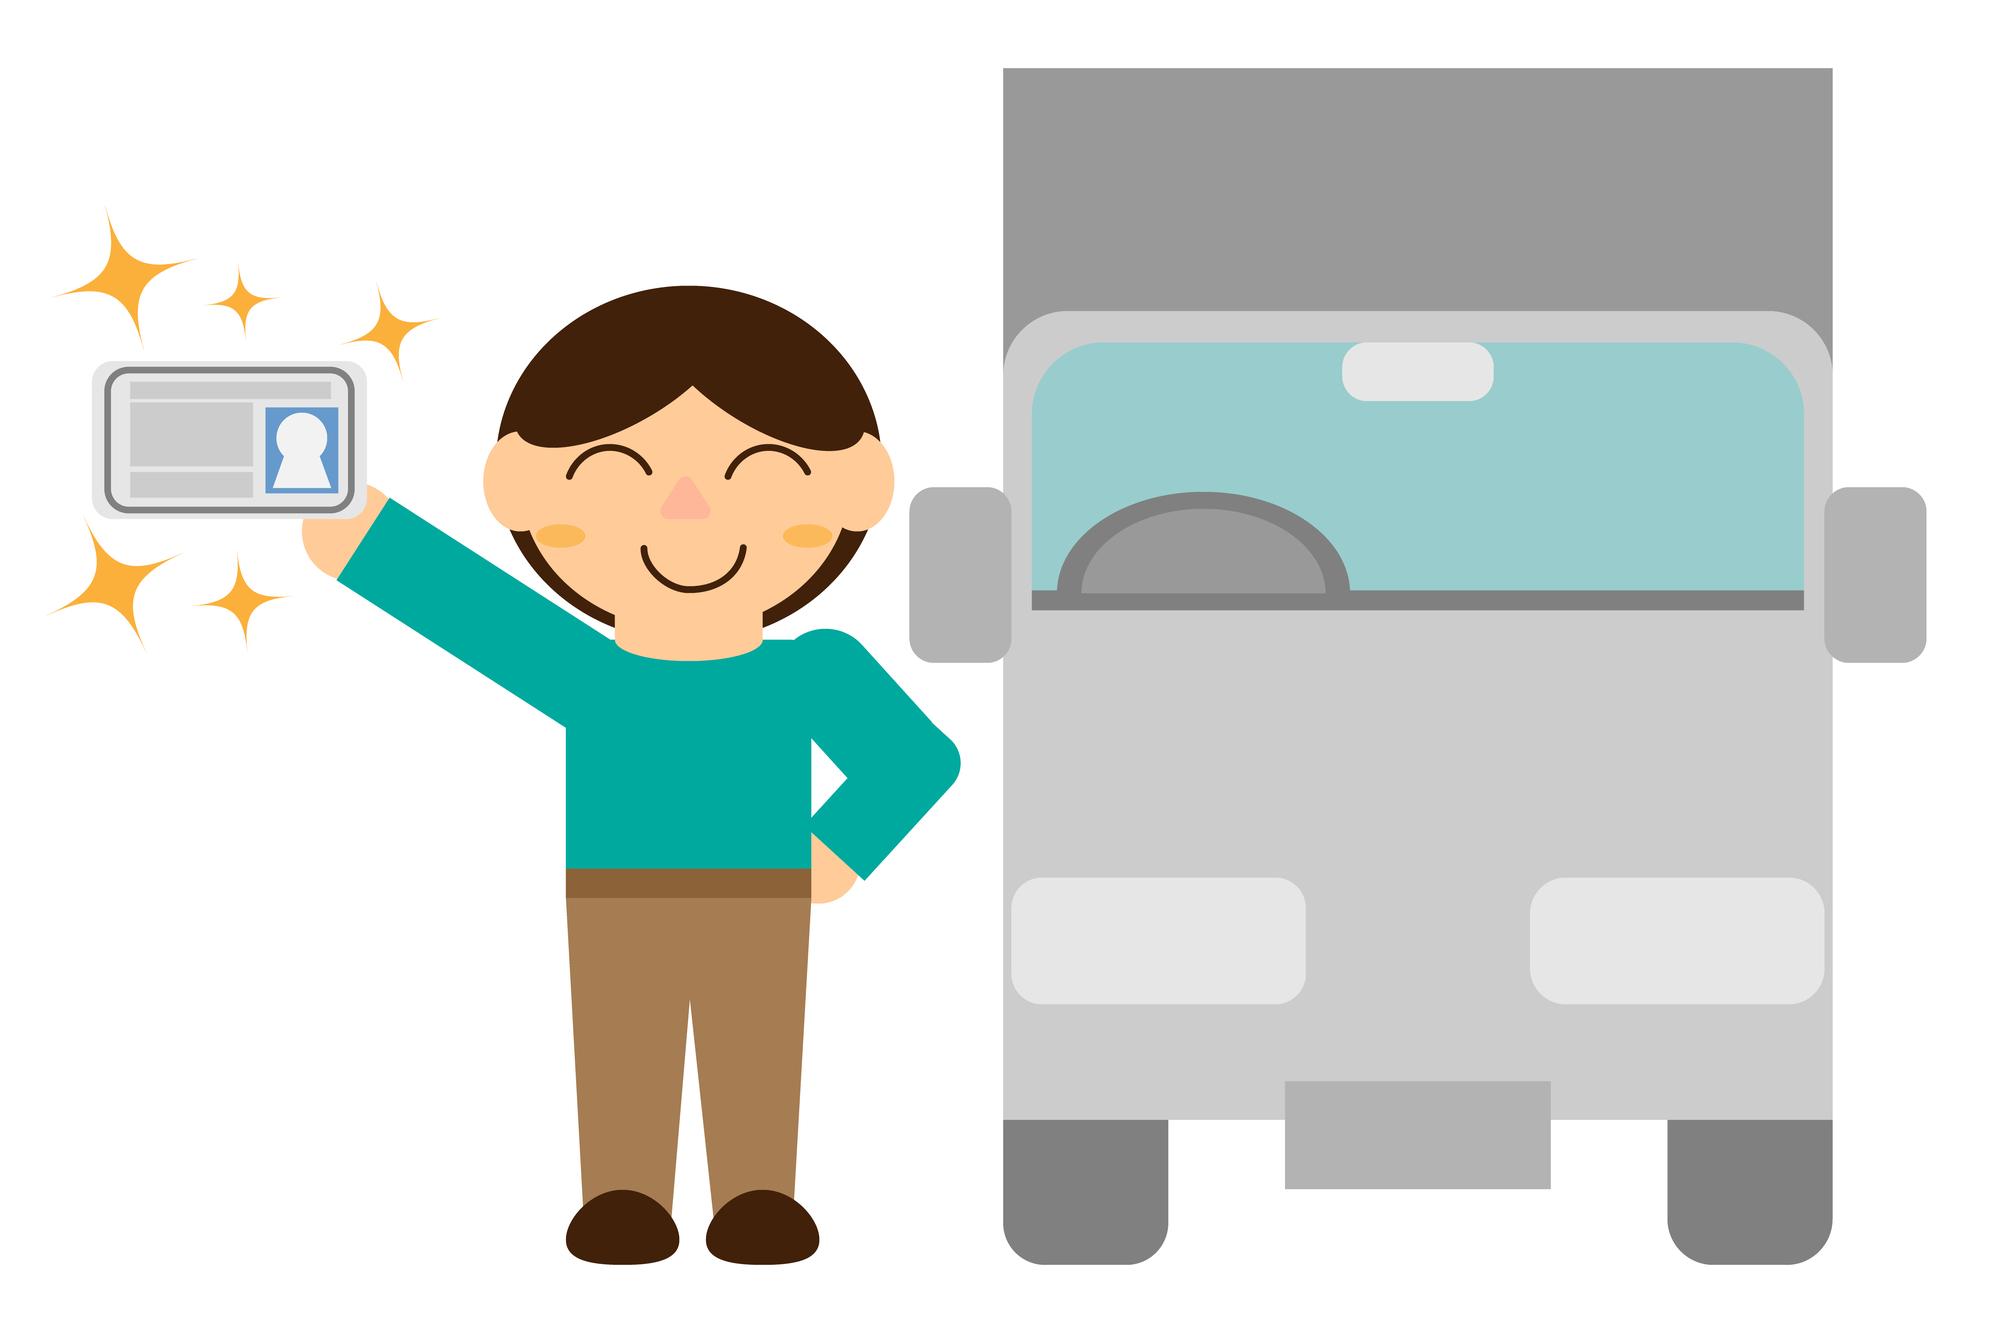 トラック免許を取得した人の絵